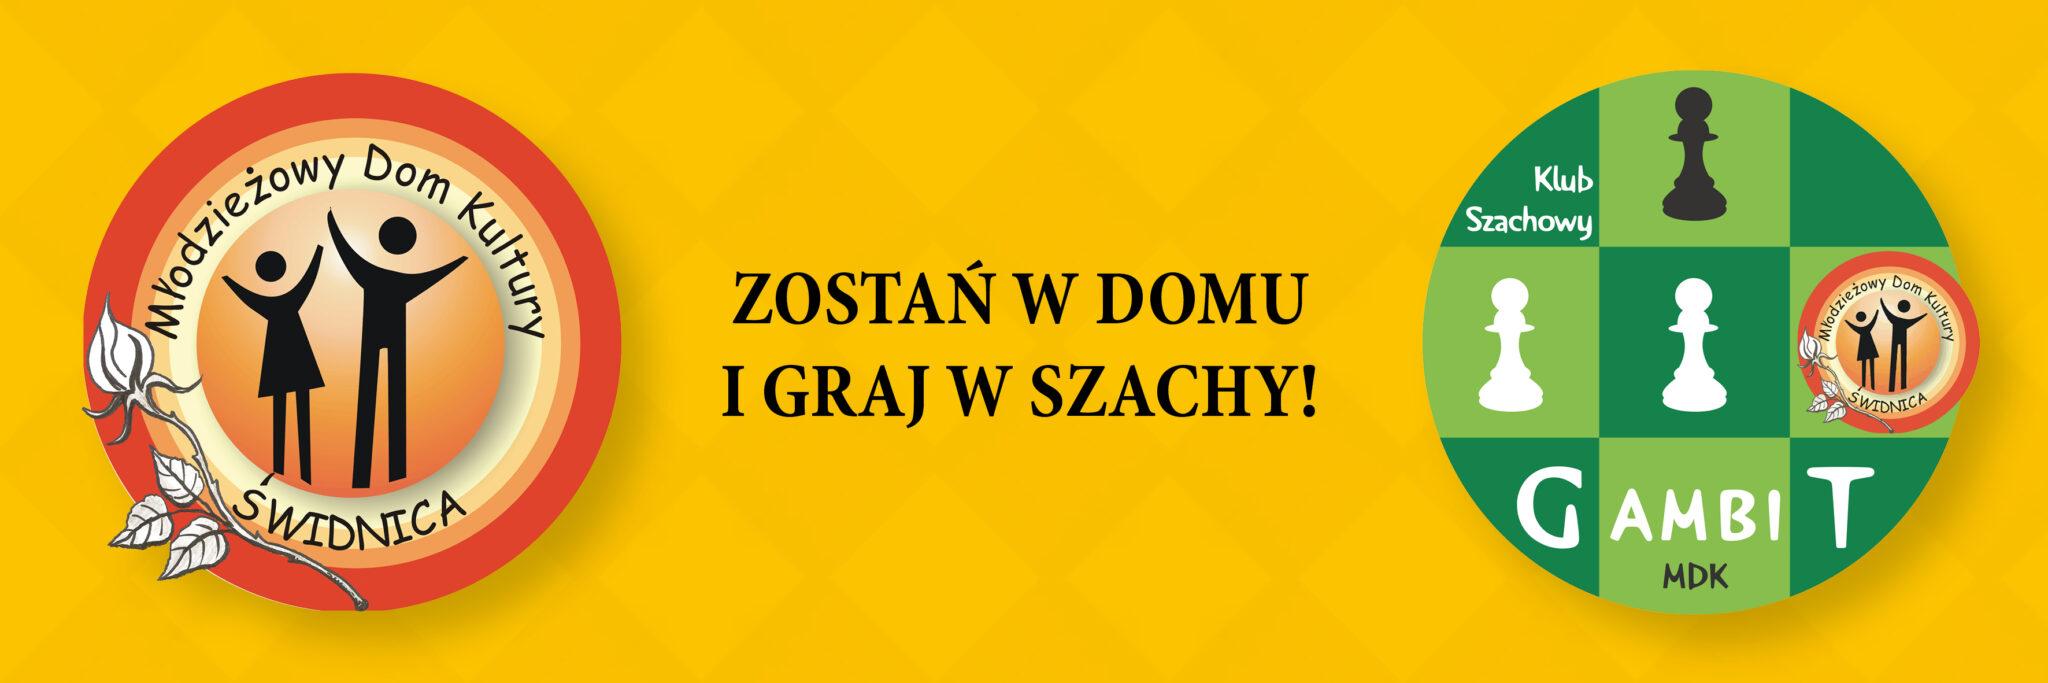 ZOSTAŃ W DOMU I GRAJ W SZACHY! (290), JÓZEF GROMEK